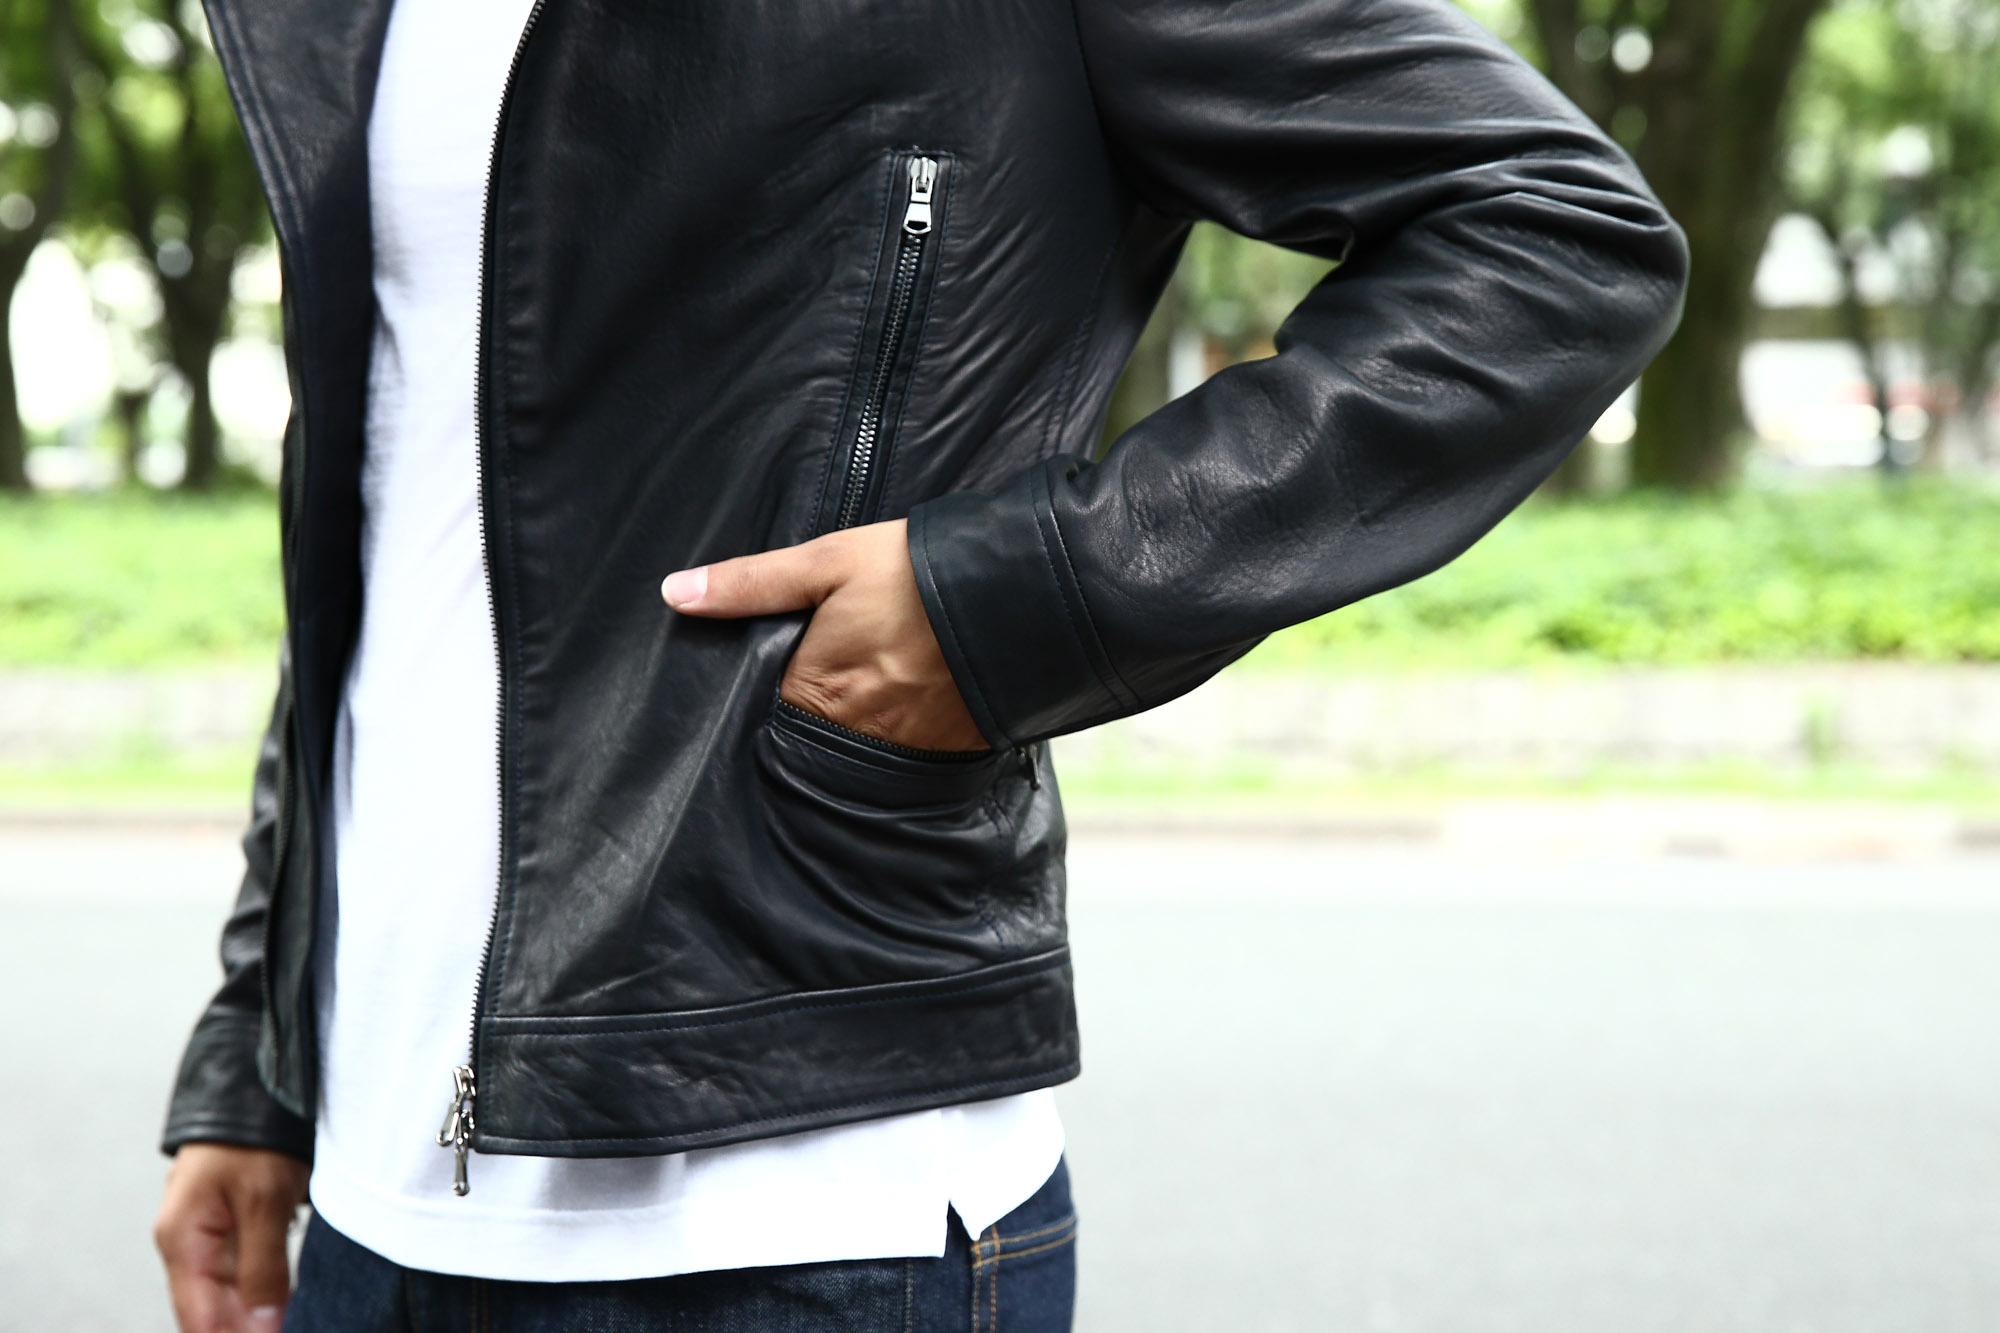 Radice(ラディーチェ) 1012 Lamb Napa(ラムナッパ) Leather Jacket ダブルライダース レザージャケット NAVY(ネイビー) MADE IN ITALY イタリア製 ダブルライダース ラムナッパレザー 愛知 名古屋 ZODIAC ゾディアック セレクトショップ モデル着用 ザノーネ インコテックススラックス エンツォボナフェ